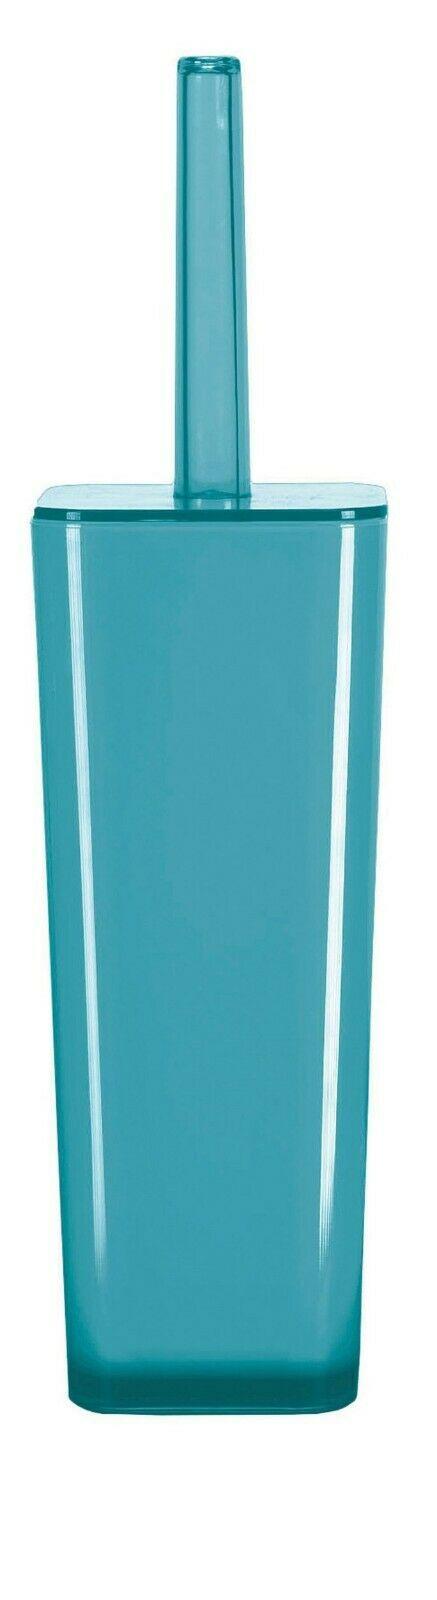 KleineWolke WC-Garnitur »Easy« B624412 UVP 22,99 € | KleineWolke WC Garnitur Easy B624412 UVP 2299 333187698927